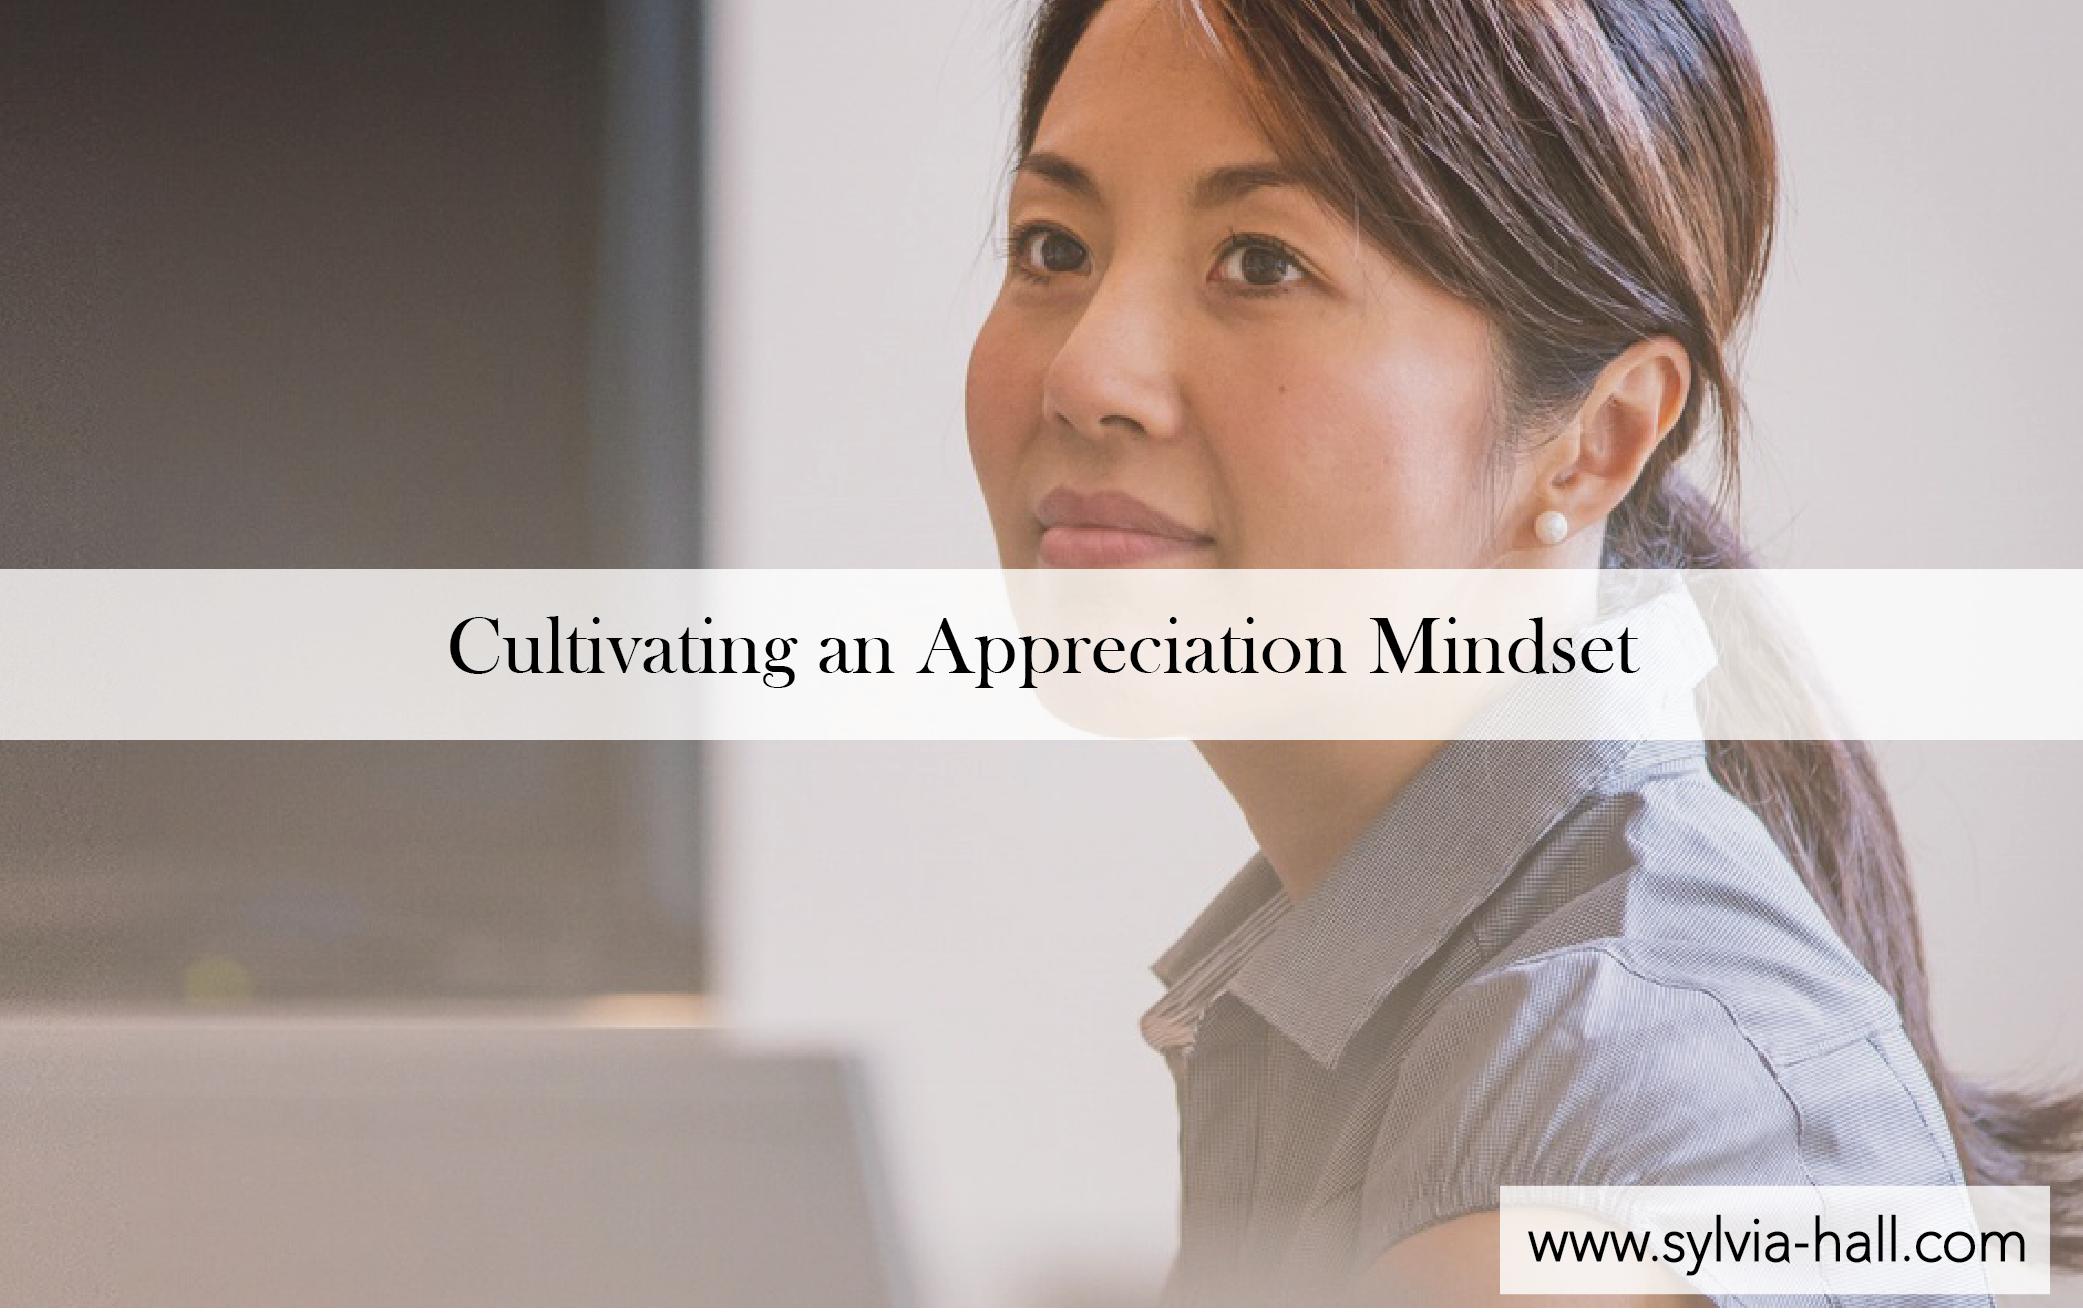 CultivatingAnAppreciationMindset-01.png